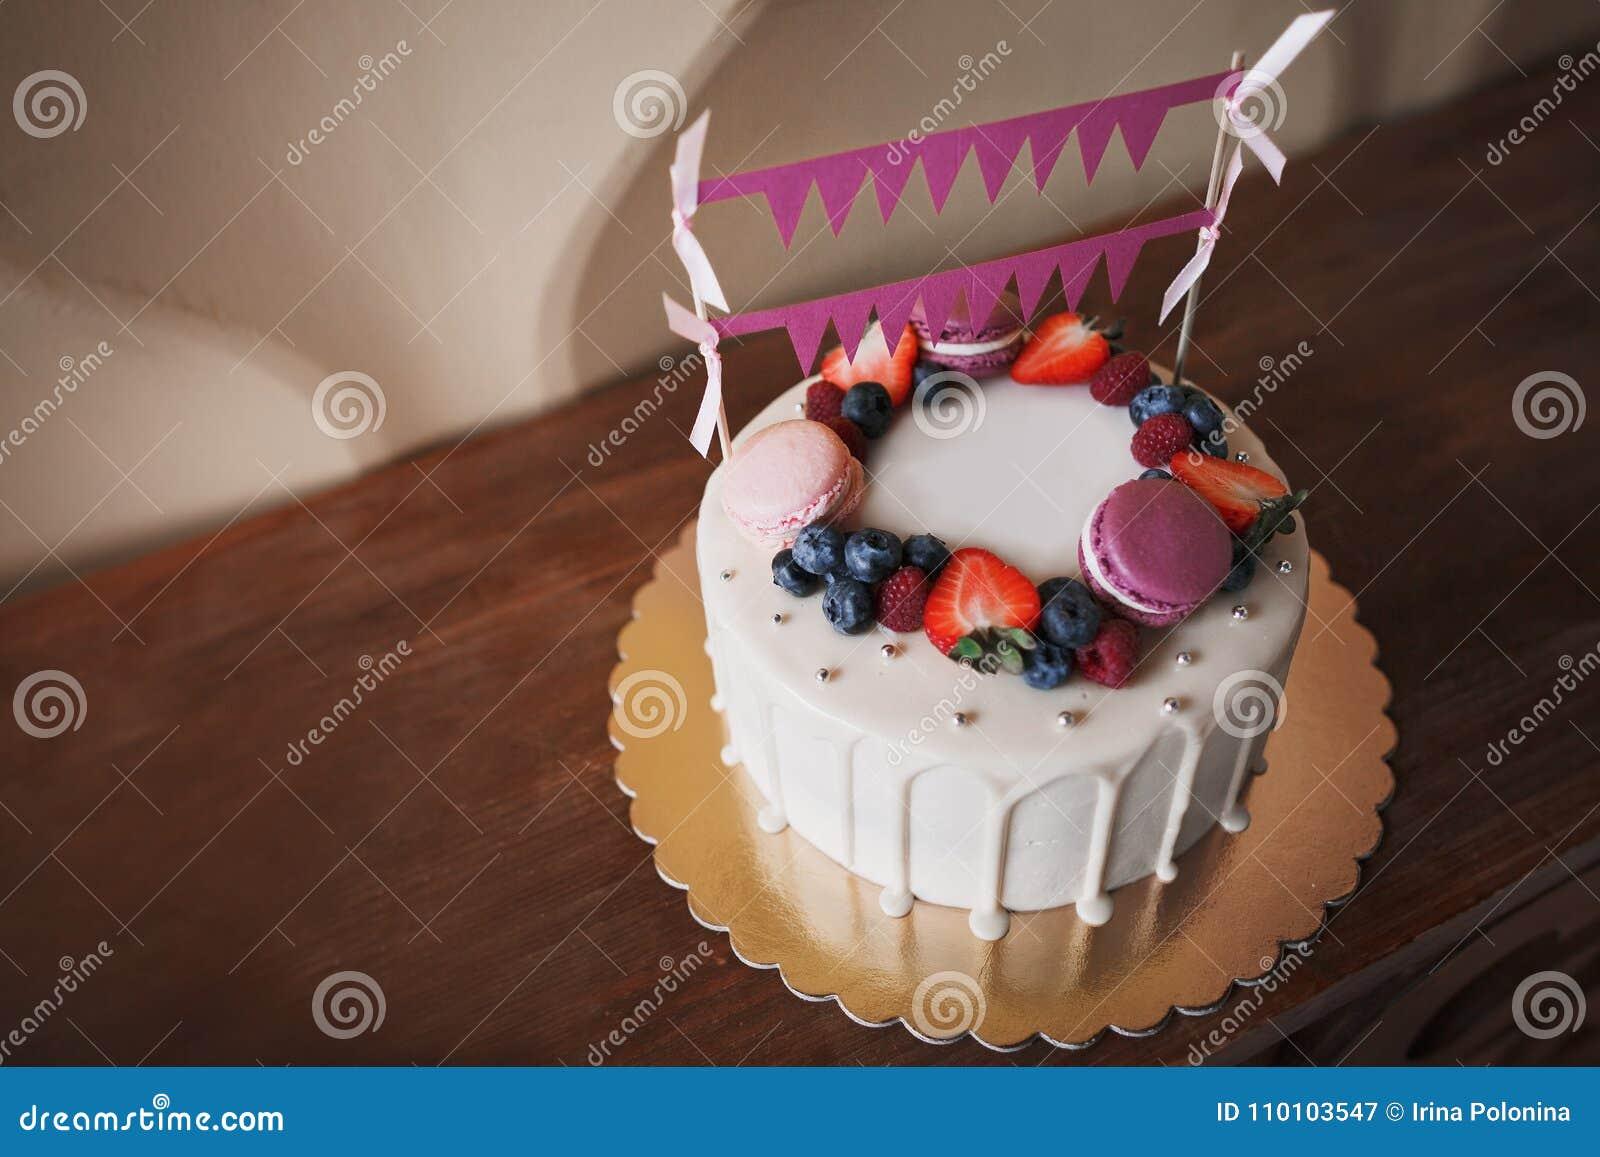 De cake van de kinderen` s verjaardag Op de cake zijn er frambozenbessen, bosbessen en aardbeien, purpere en roze makarons, decor